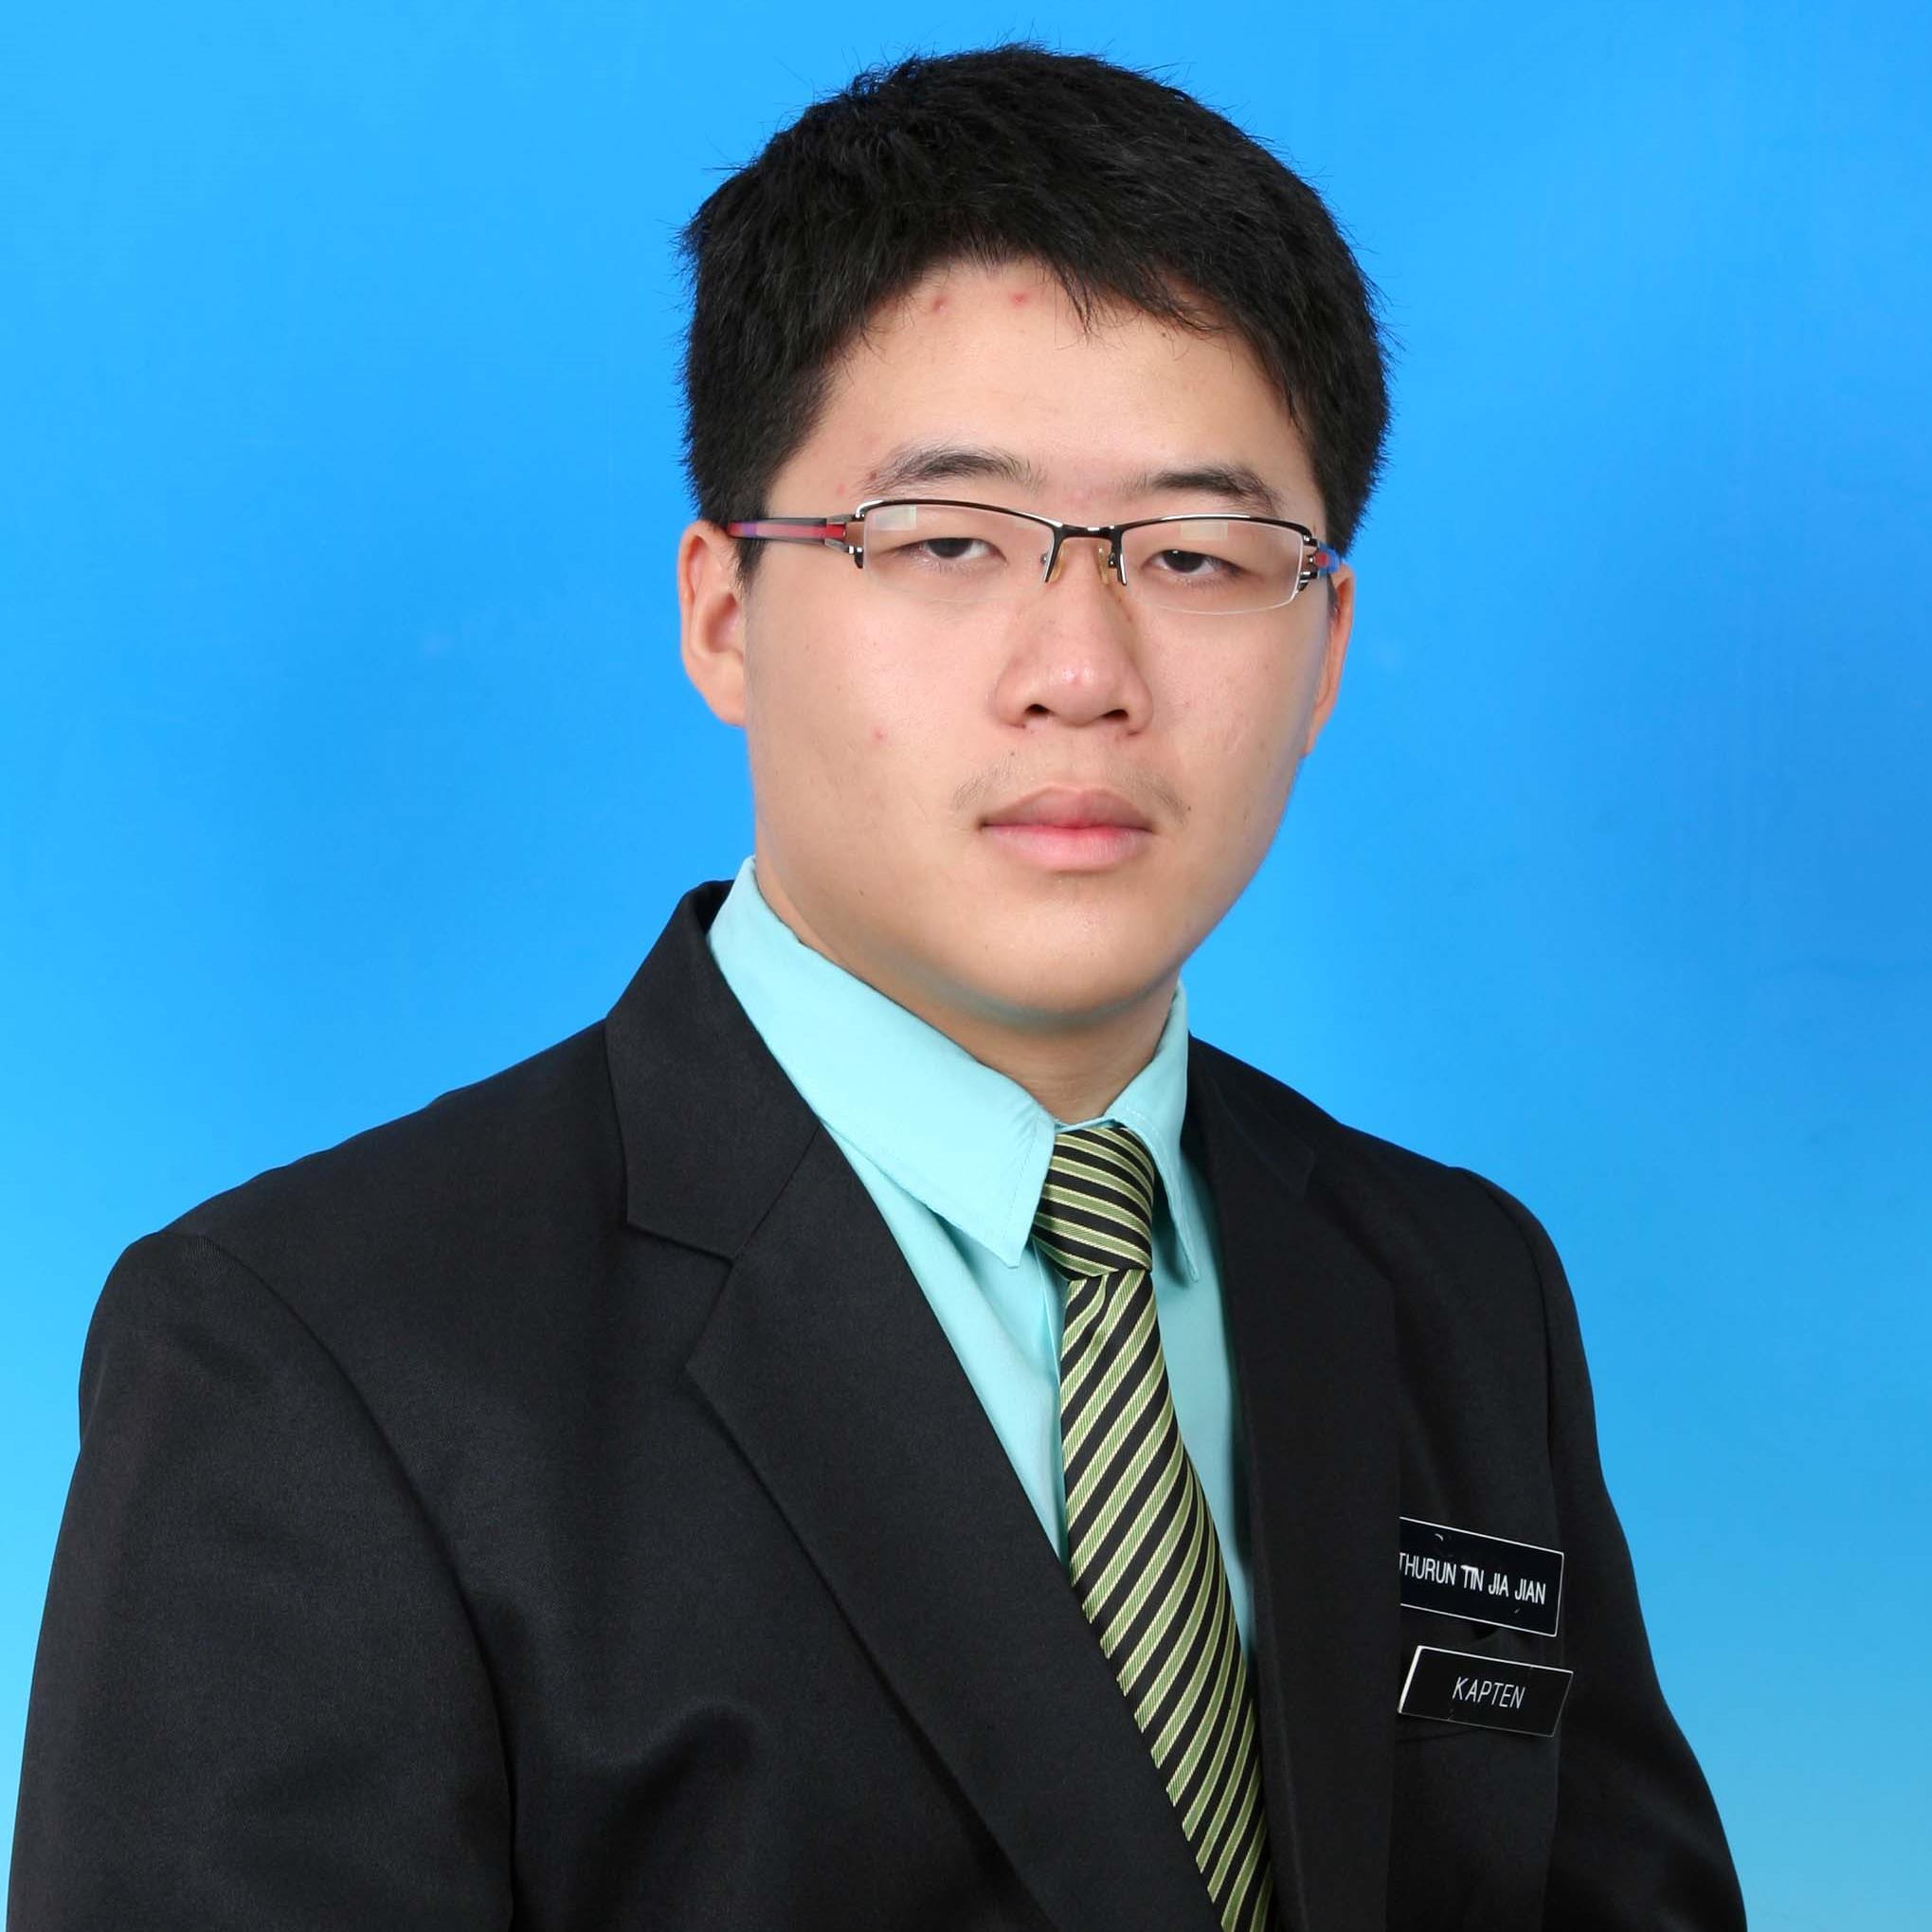 Jia Jian Tin.jpg